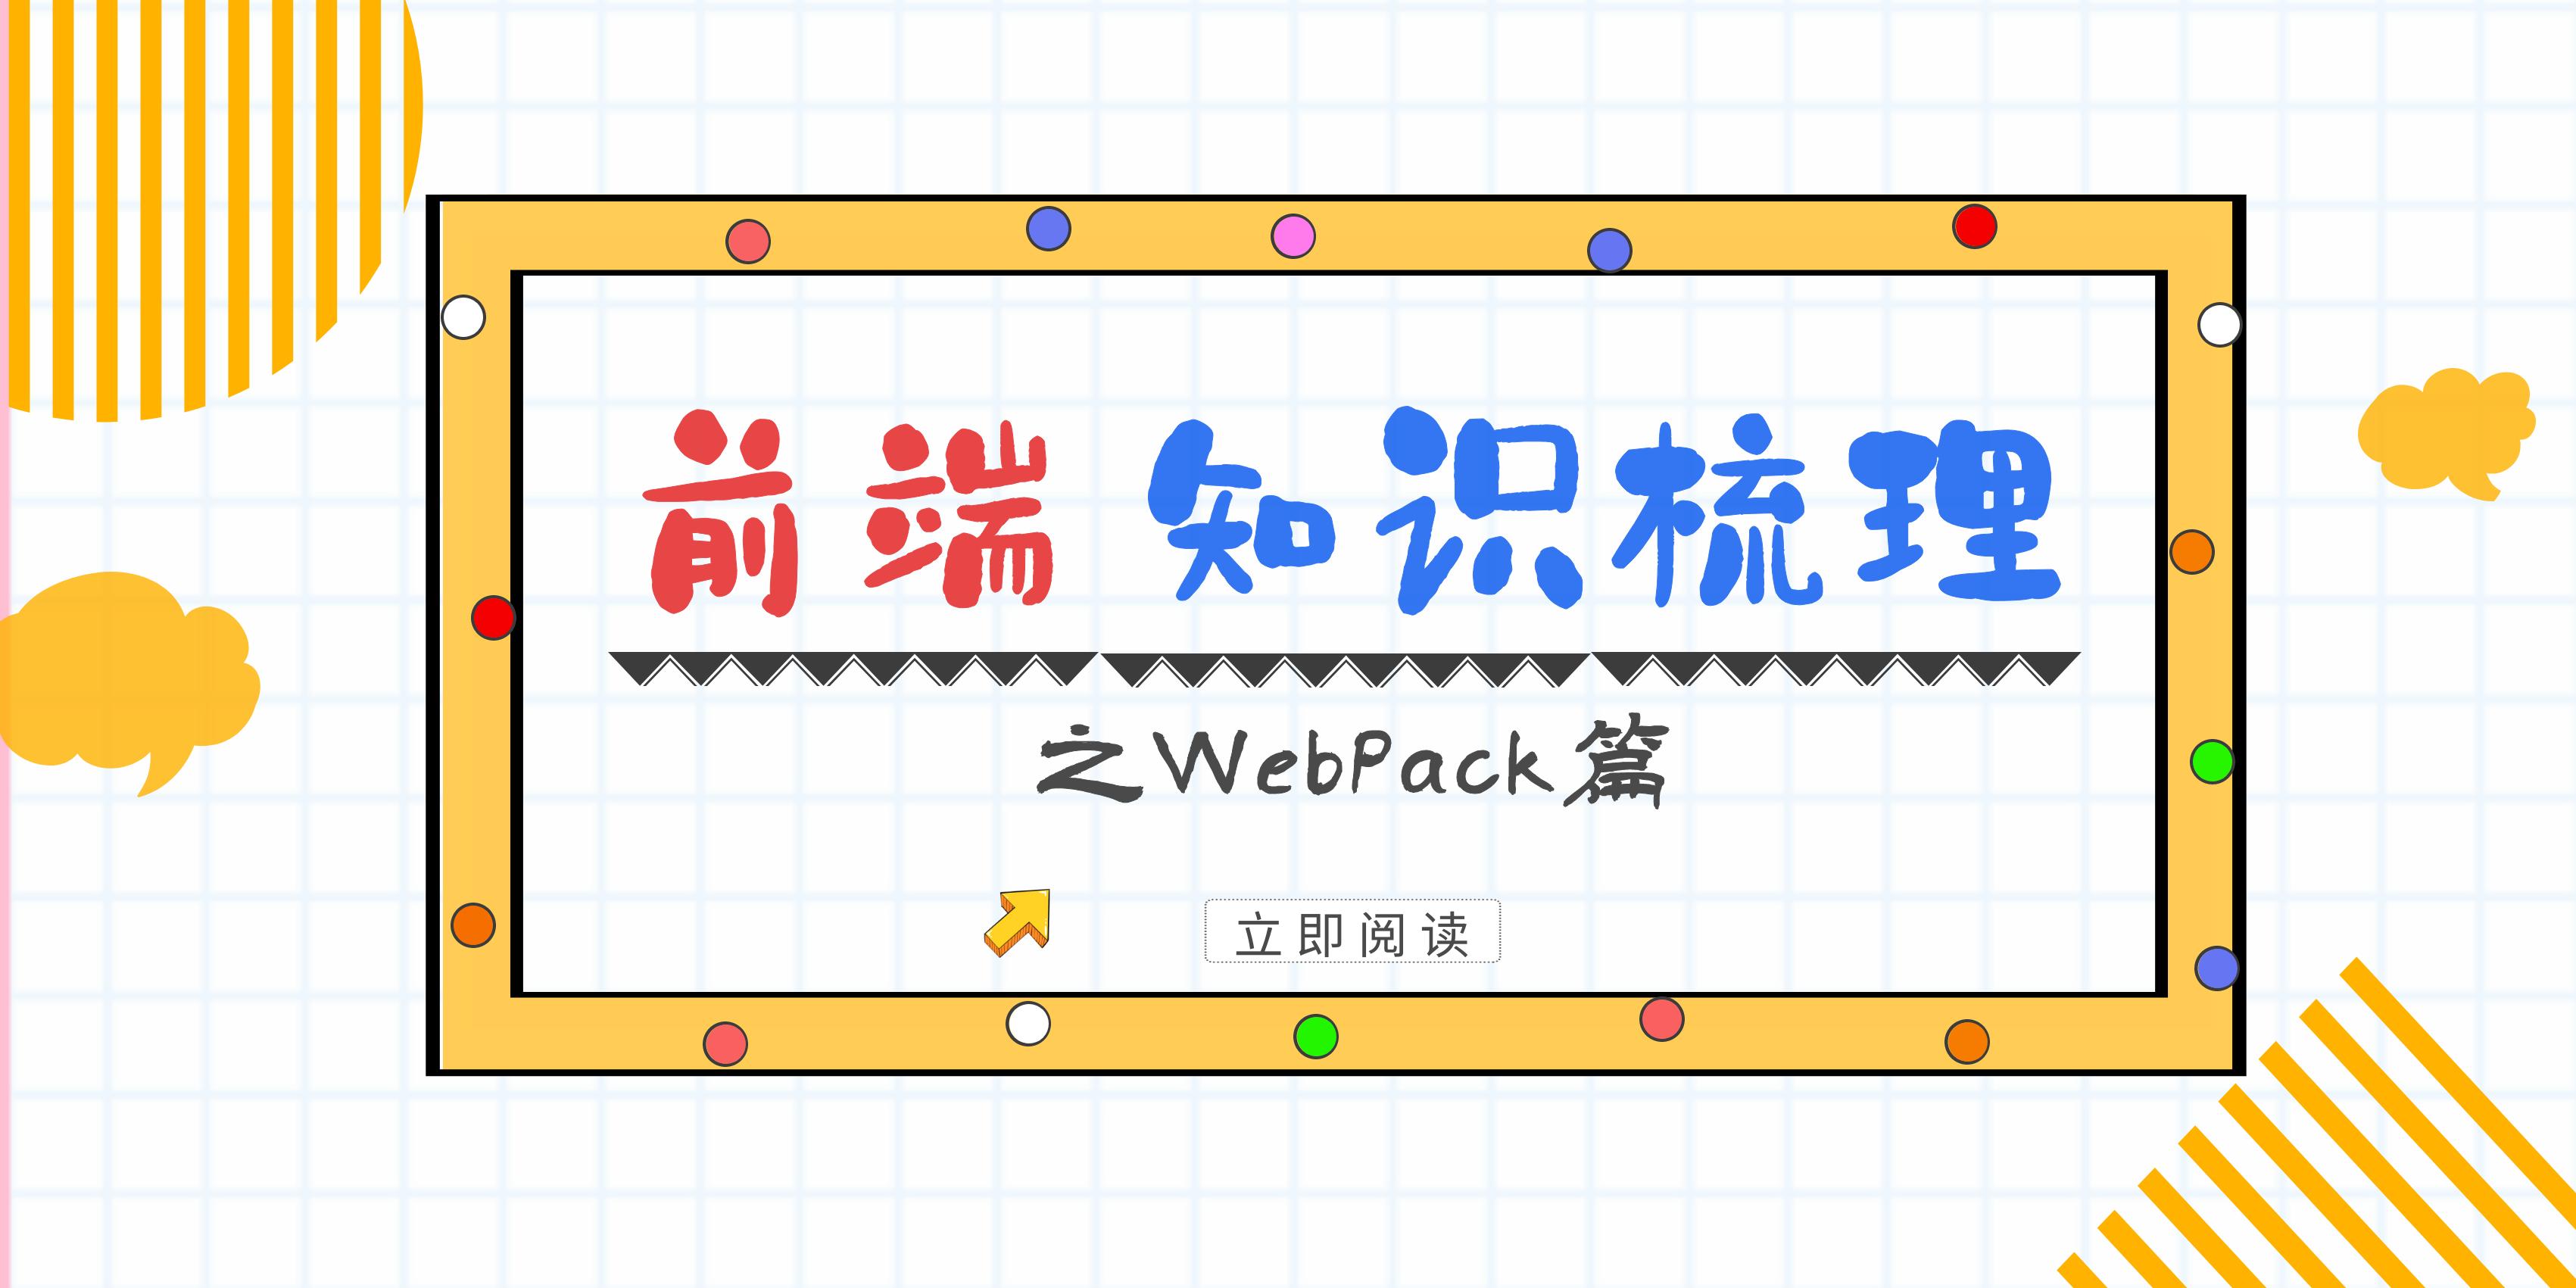 前端知识梳理之webpack篇